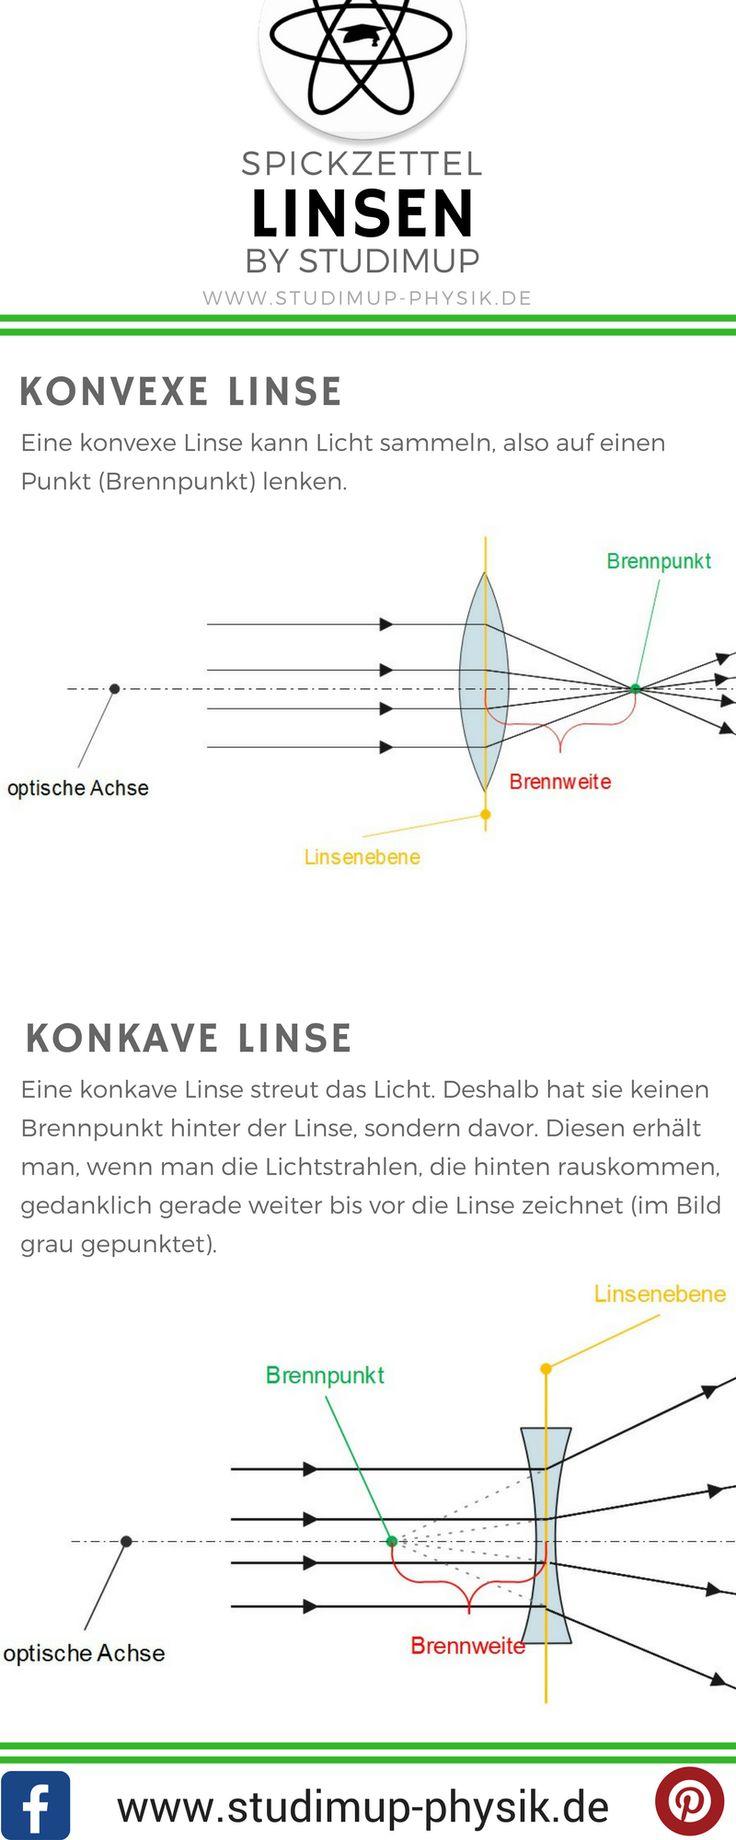 Linsen in der Physik im Spickzettel. Konvexe und Konkave Linse kurz erklärt.